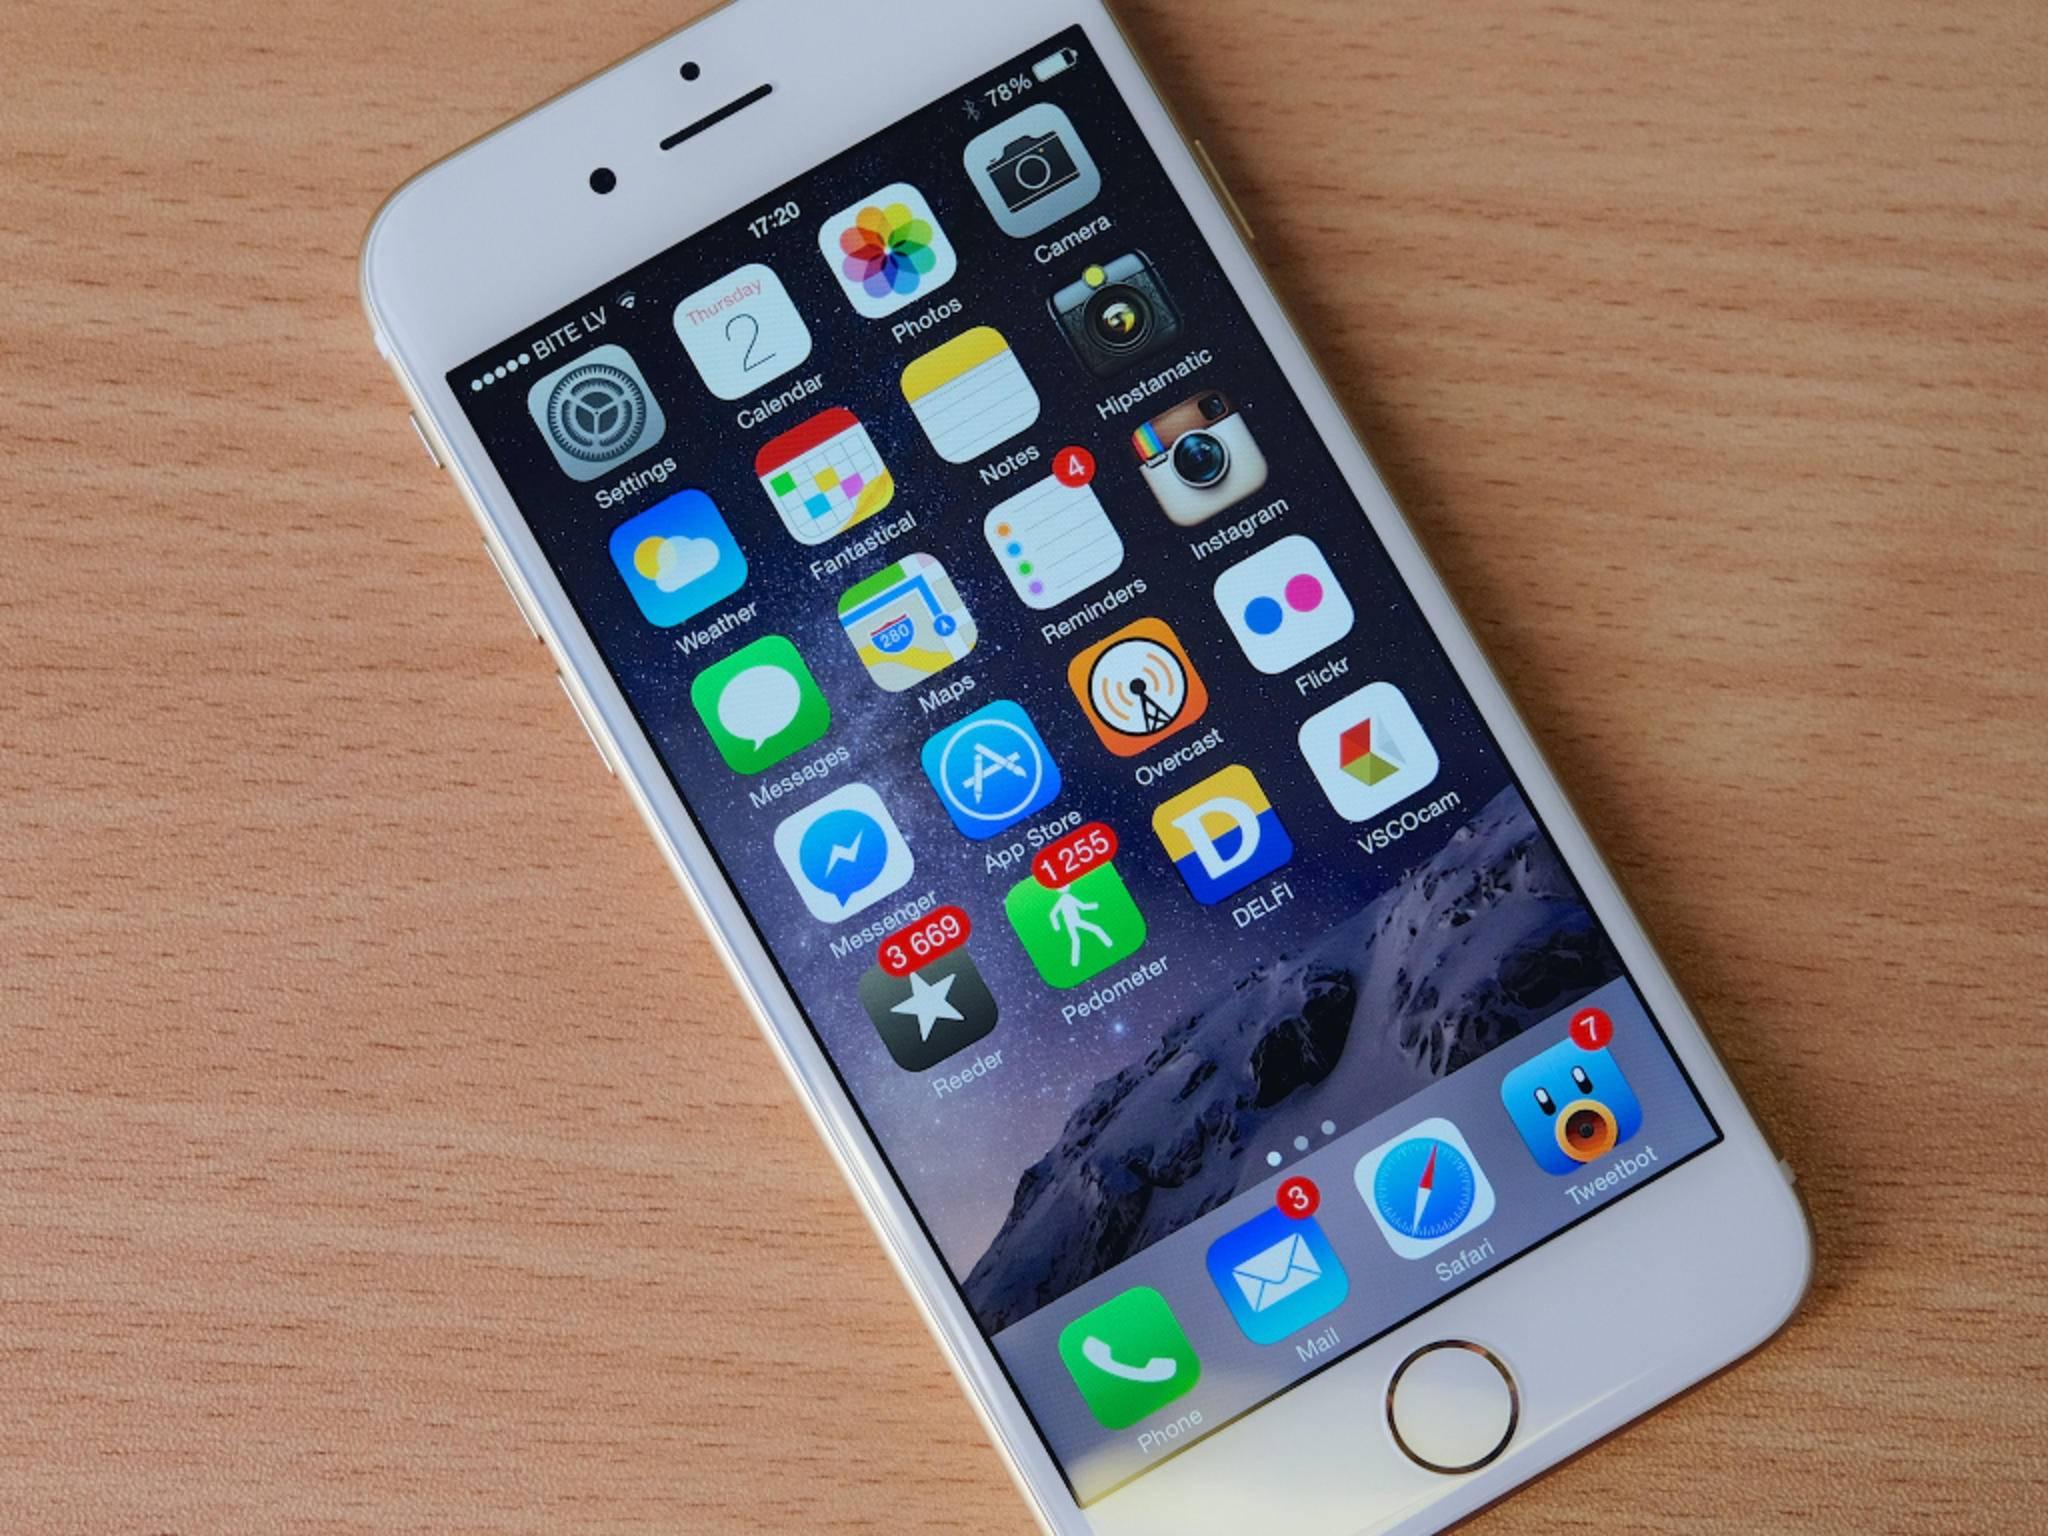 Der Safari-Browser sorgt derzeit für Probleme auf vielen iPhones.